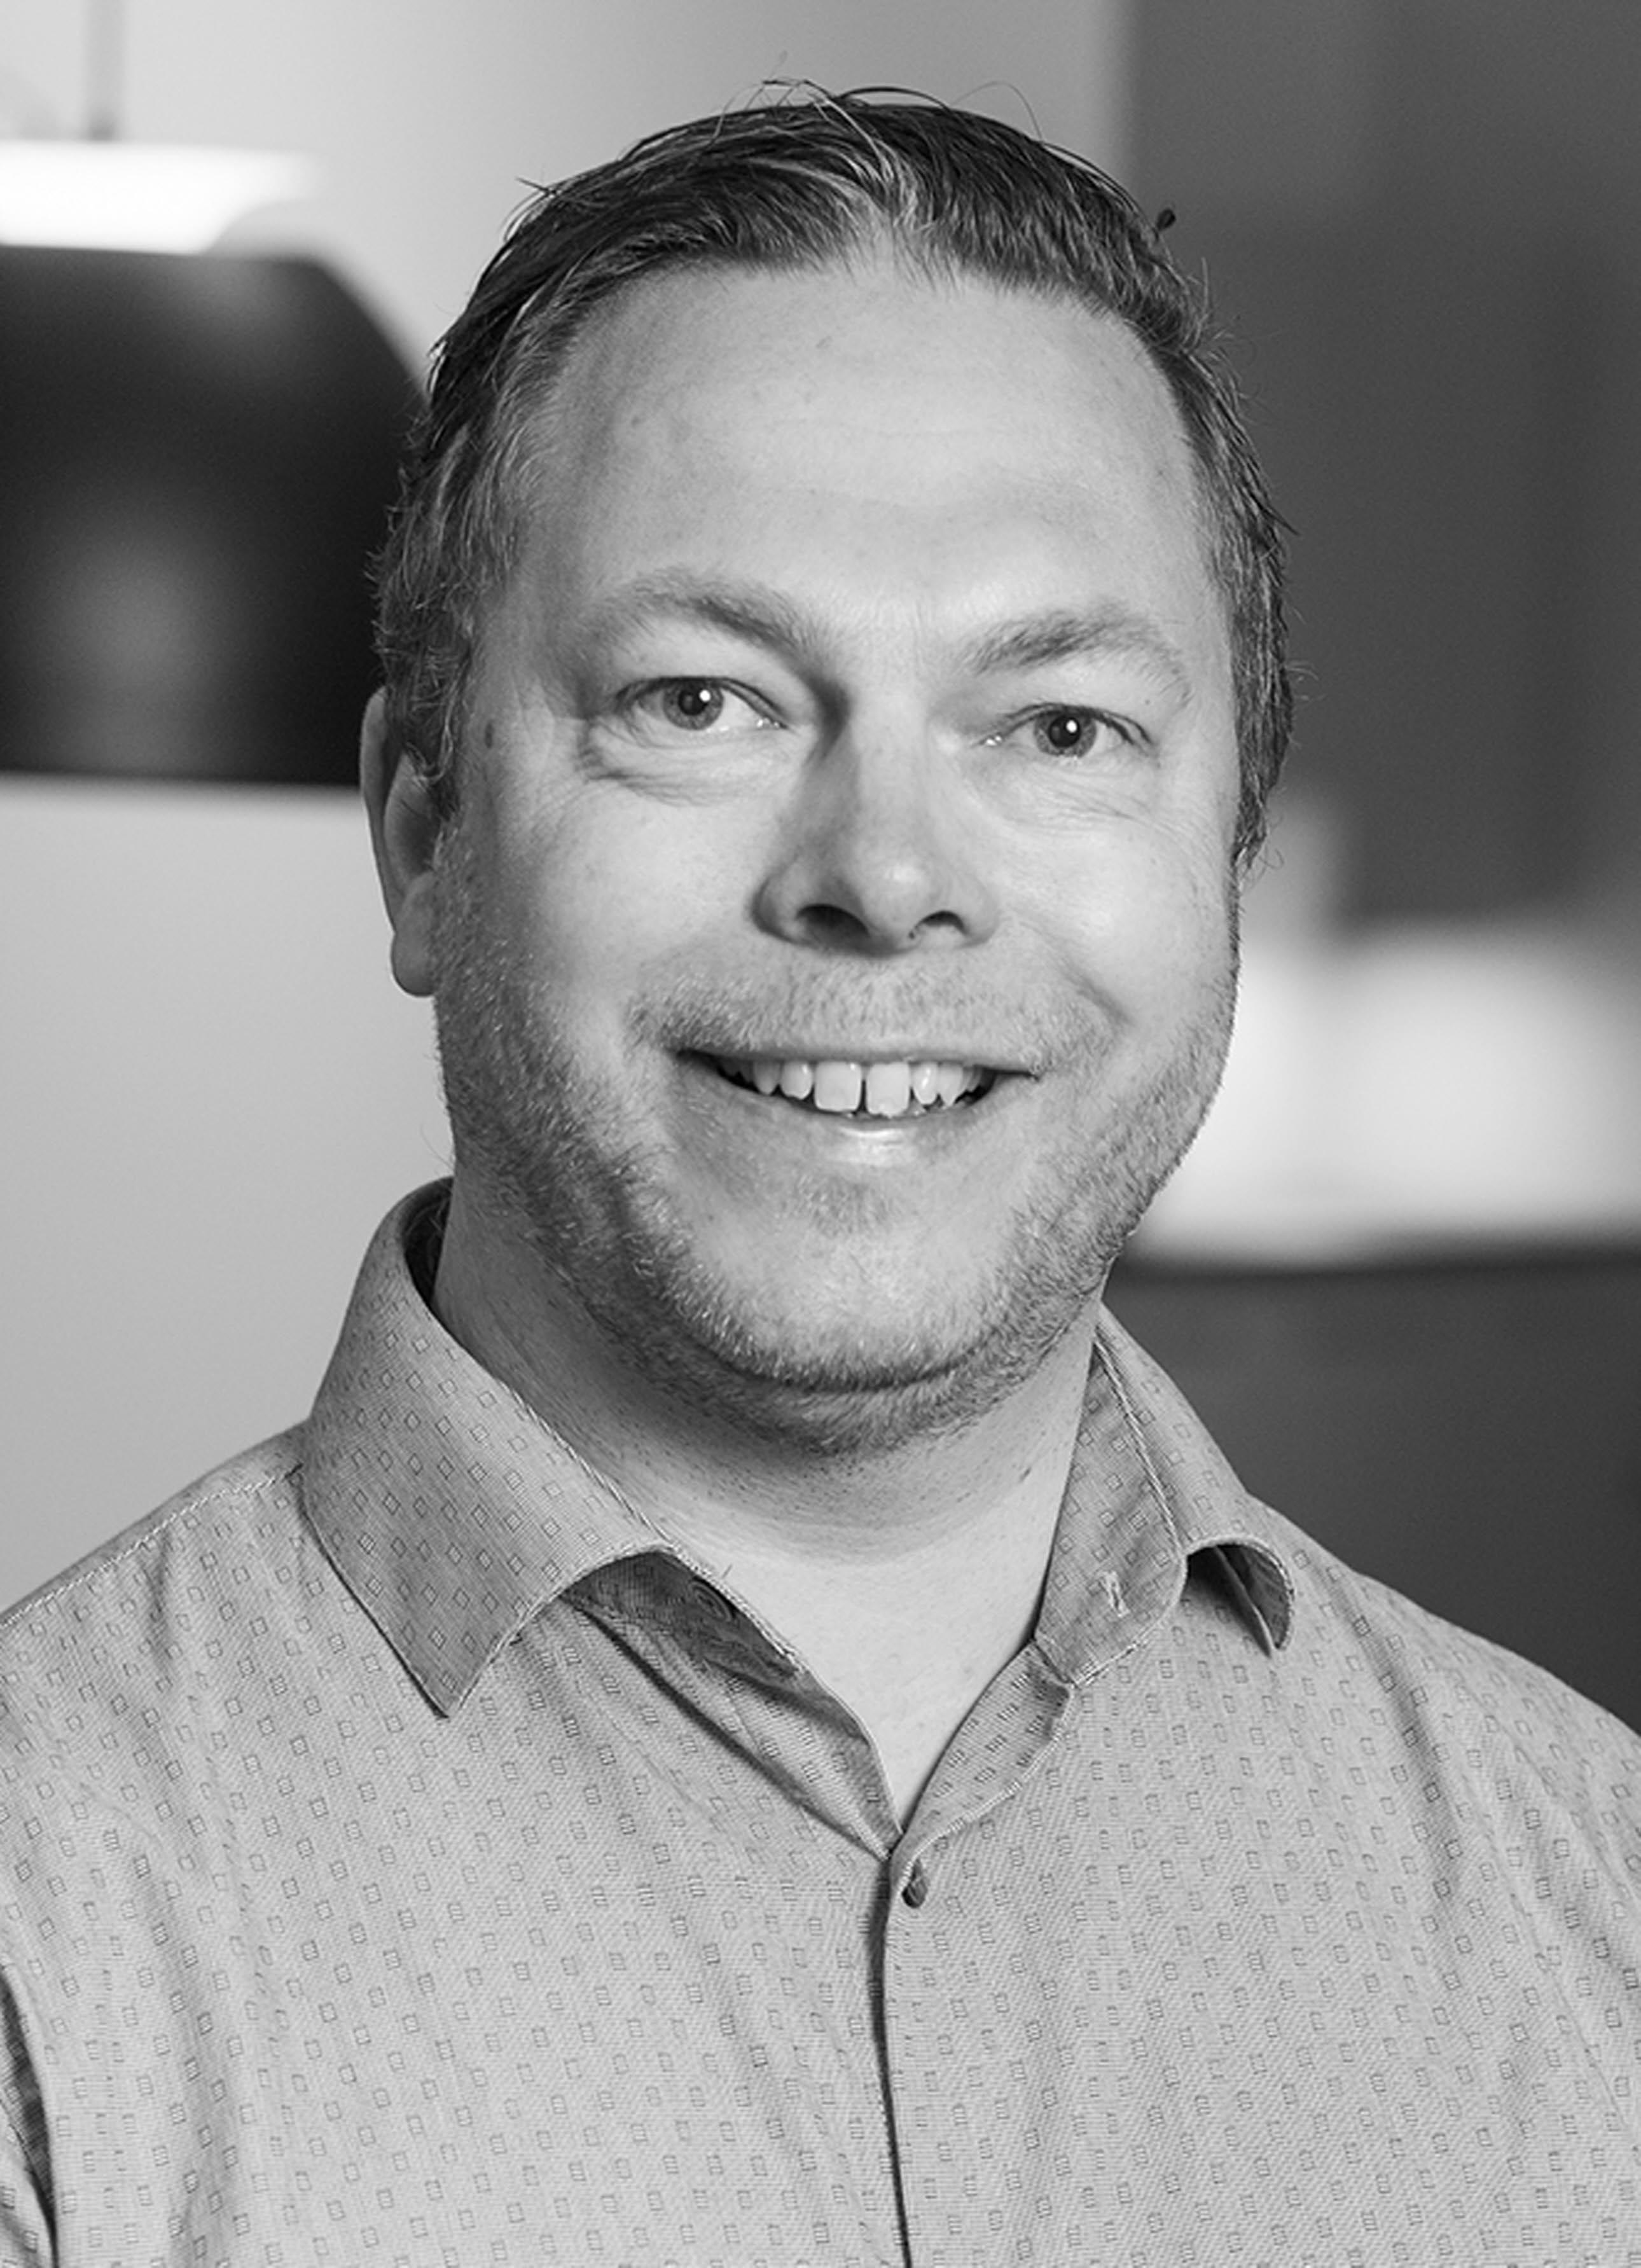 Henrik Rindal Astrup